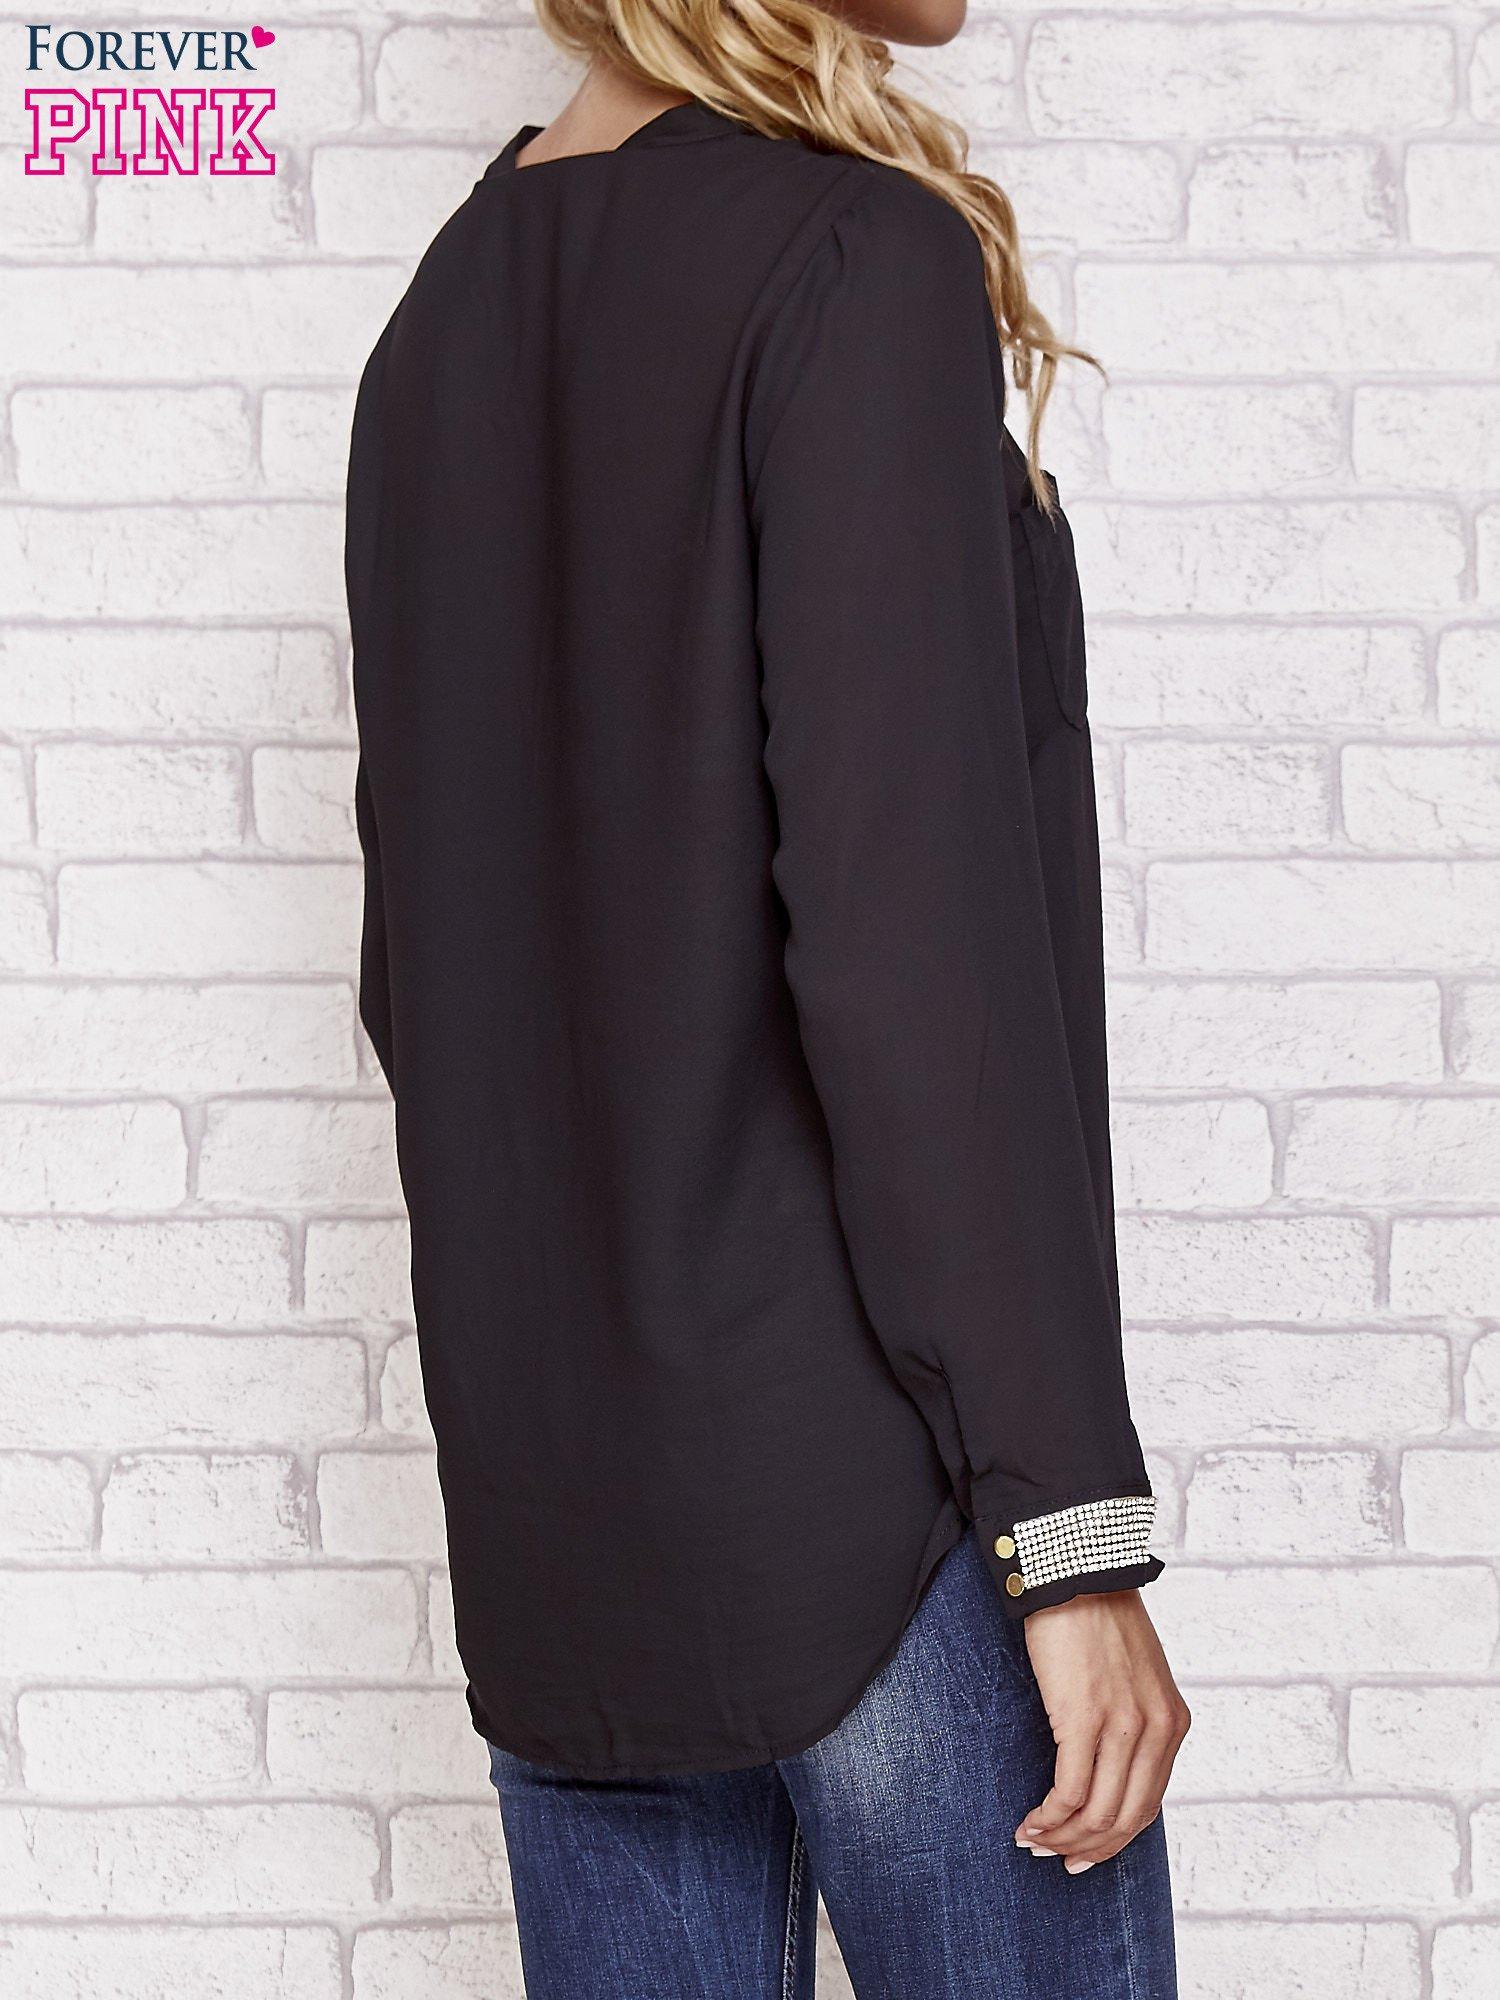 Czarna koszula z mankietem z cyrkonii                                  zdj.                                  2